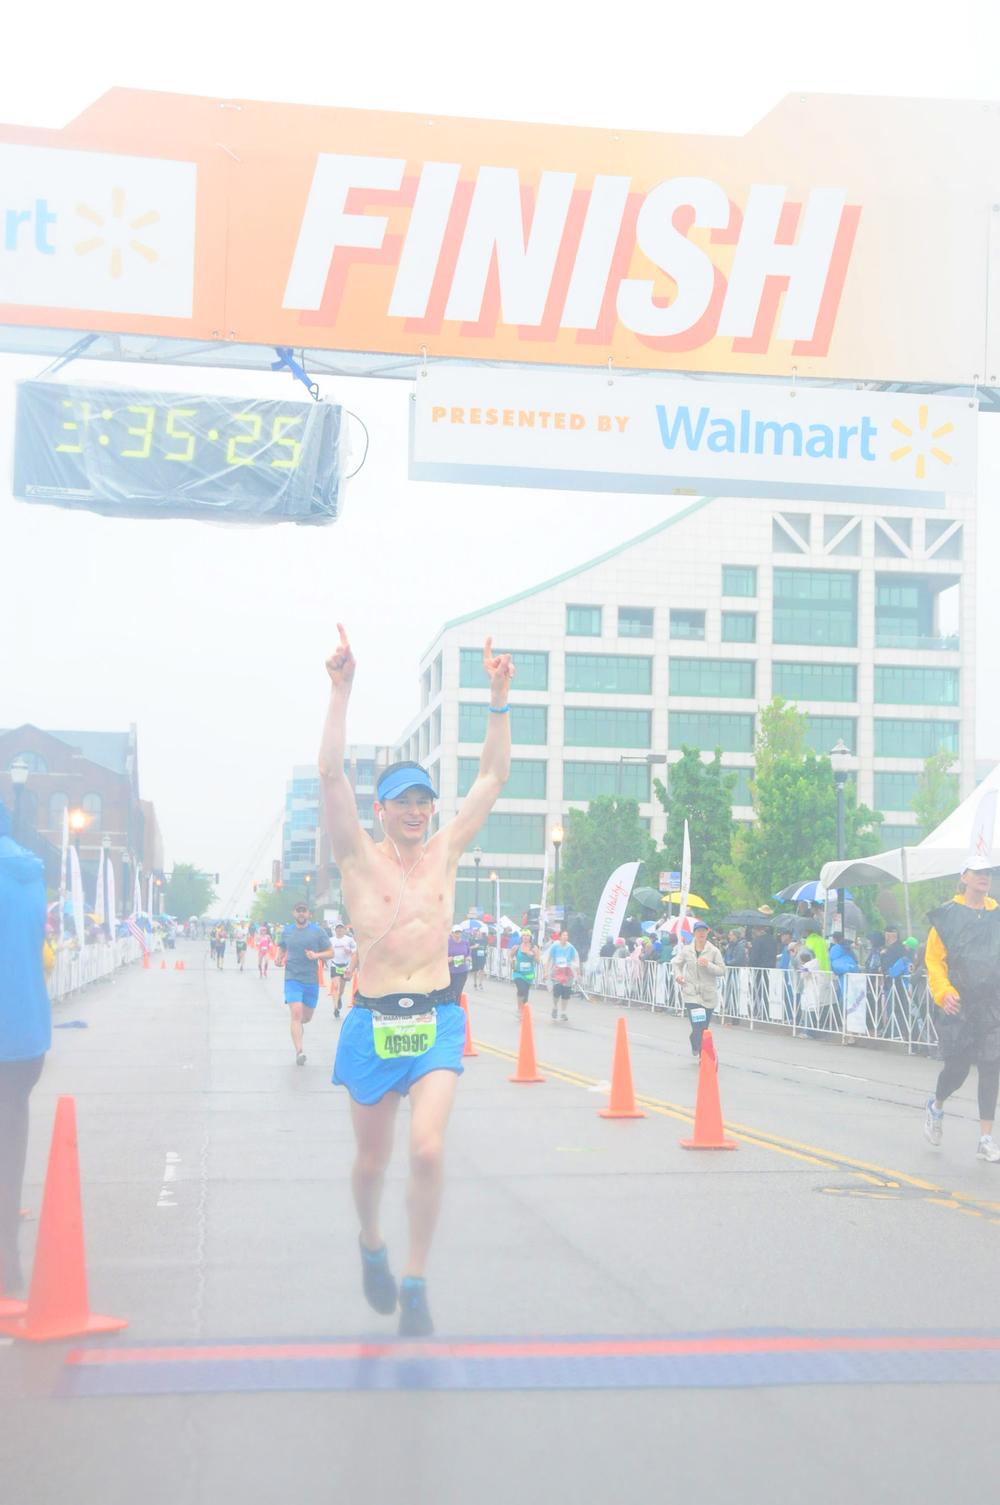 Josh_Miller_Louisville_KDF_Marathon3.jpg